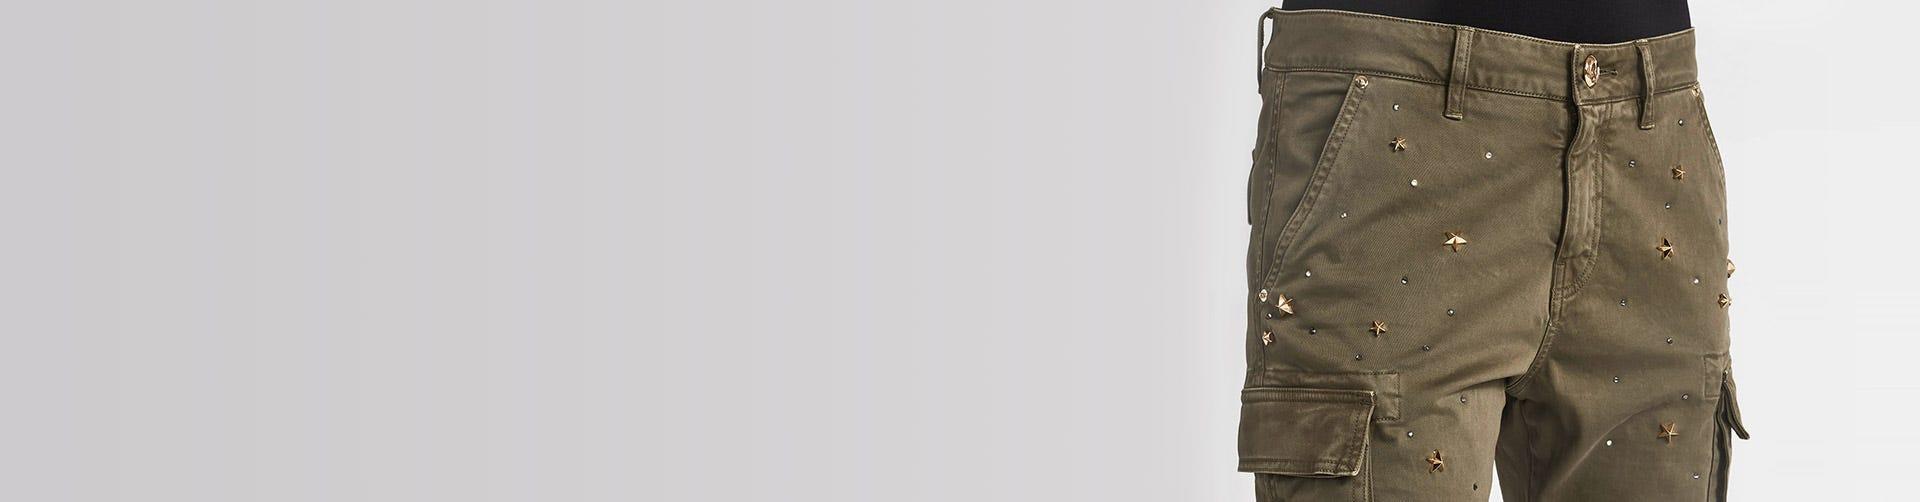 6cdd80a42a27 Čierne a elegantné dámske nohavice – Dámske džínsy – Gaudi